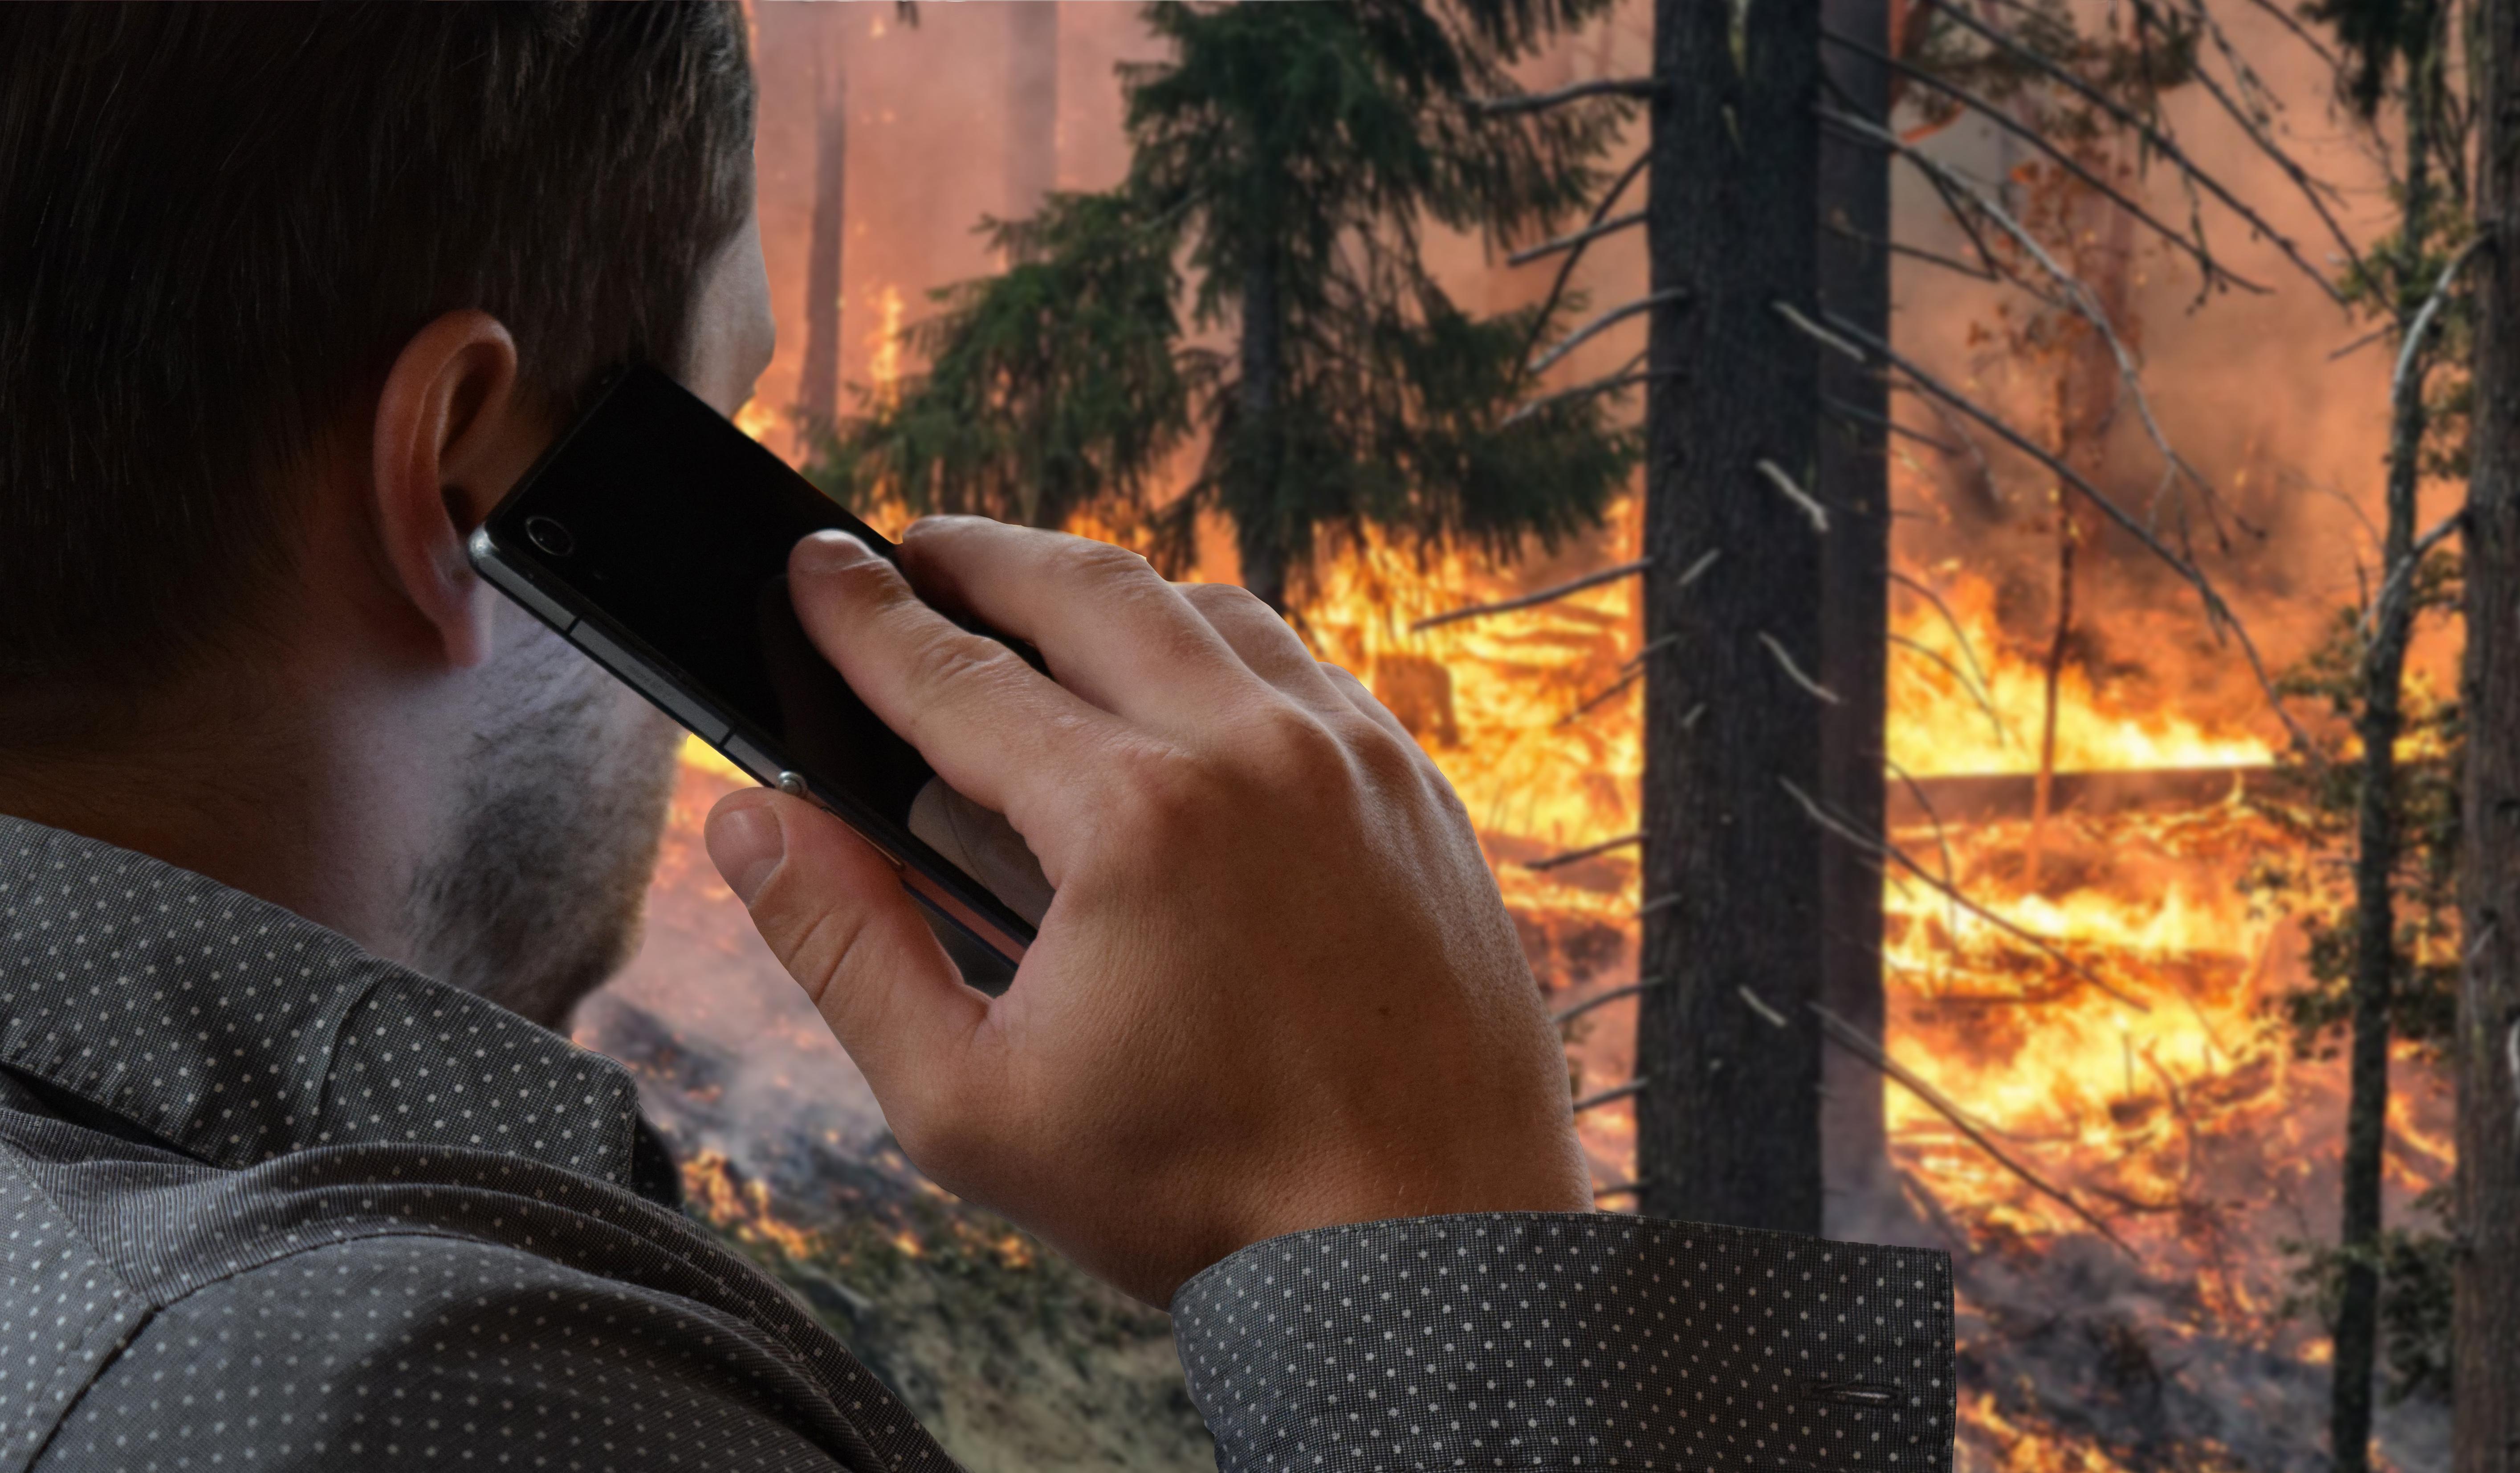 La CONAFOR exhorta a la población a reportar incendios forestales al 01 800 46 23 63 46, disponible las 24 horas del día durante todo el año.